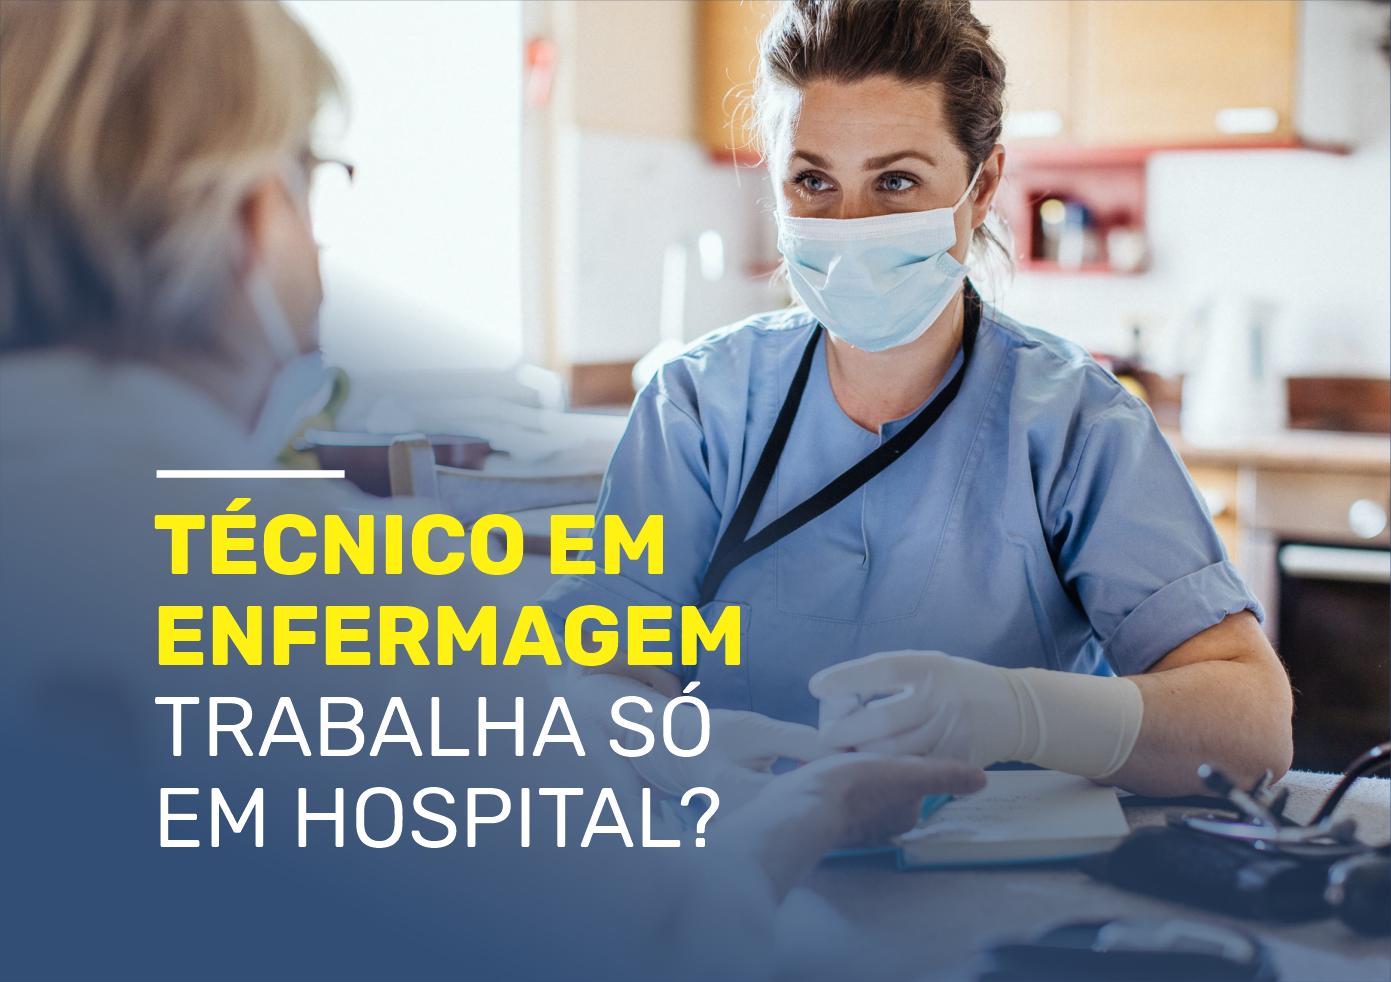 Técnico em Enfermagem trabalha só em hospital?